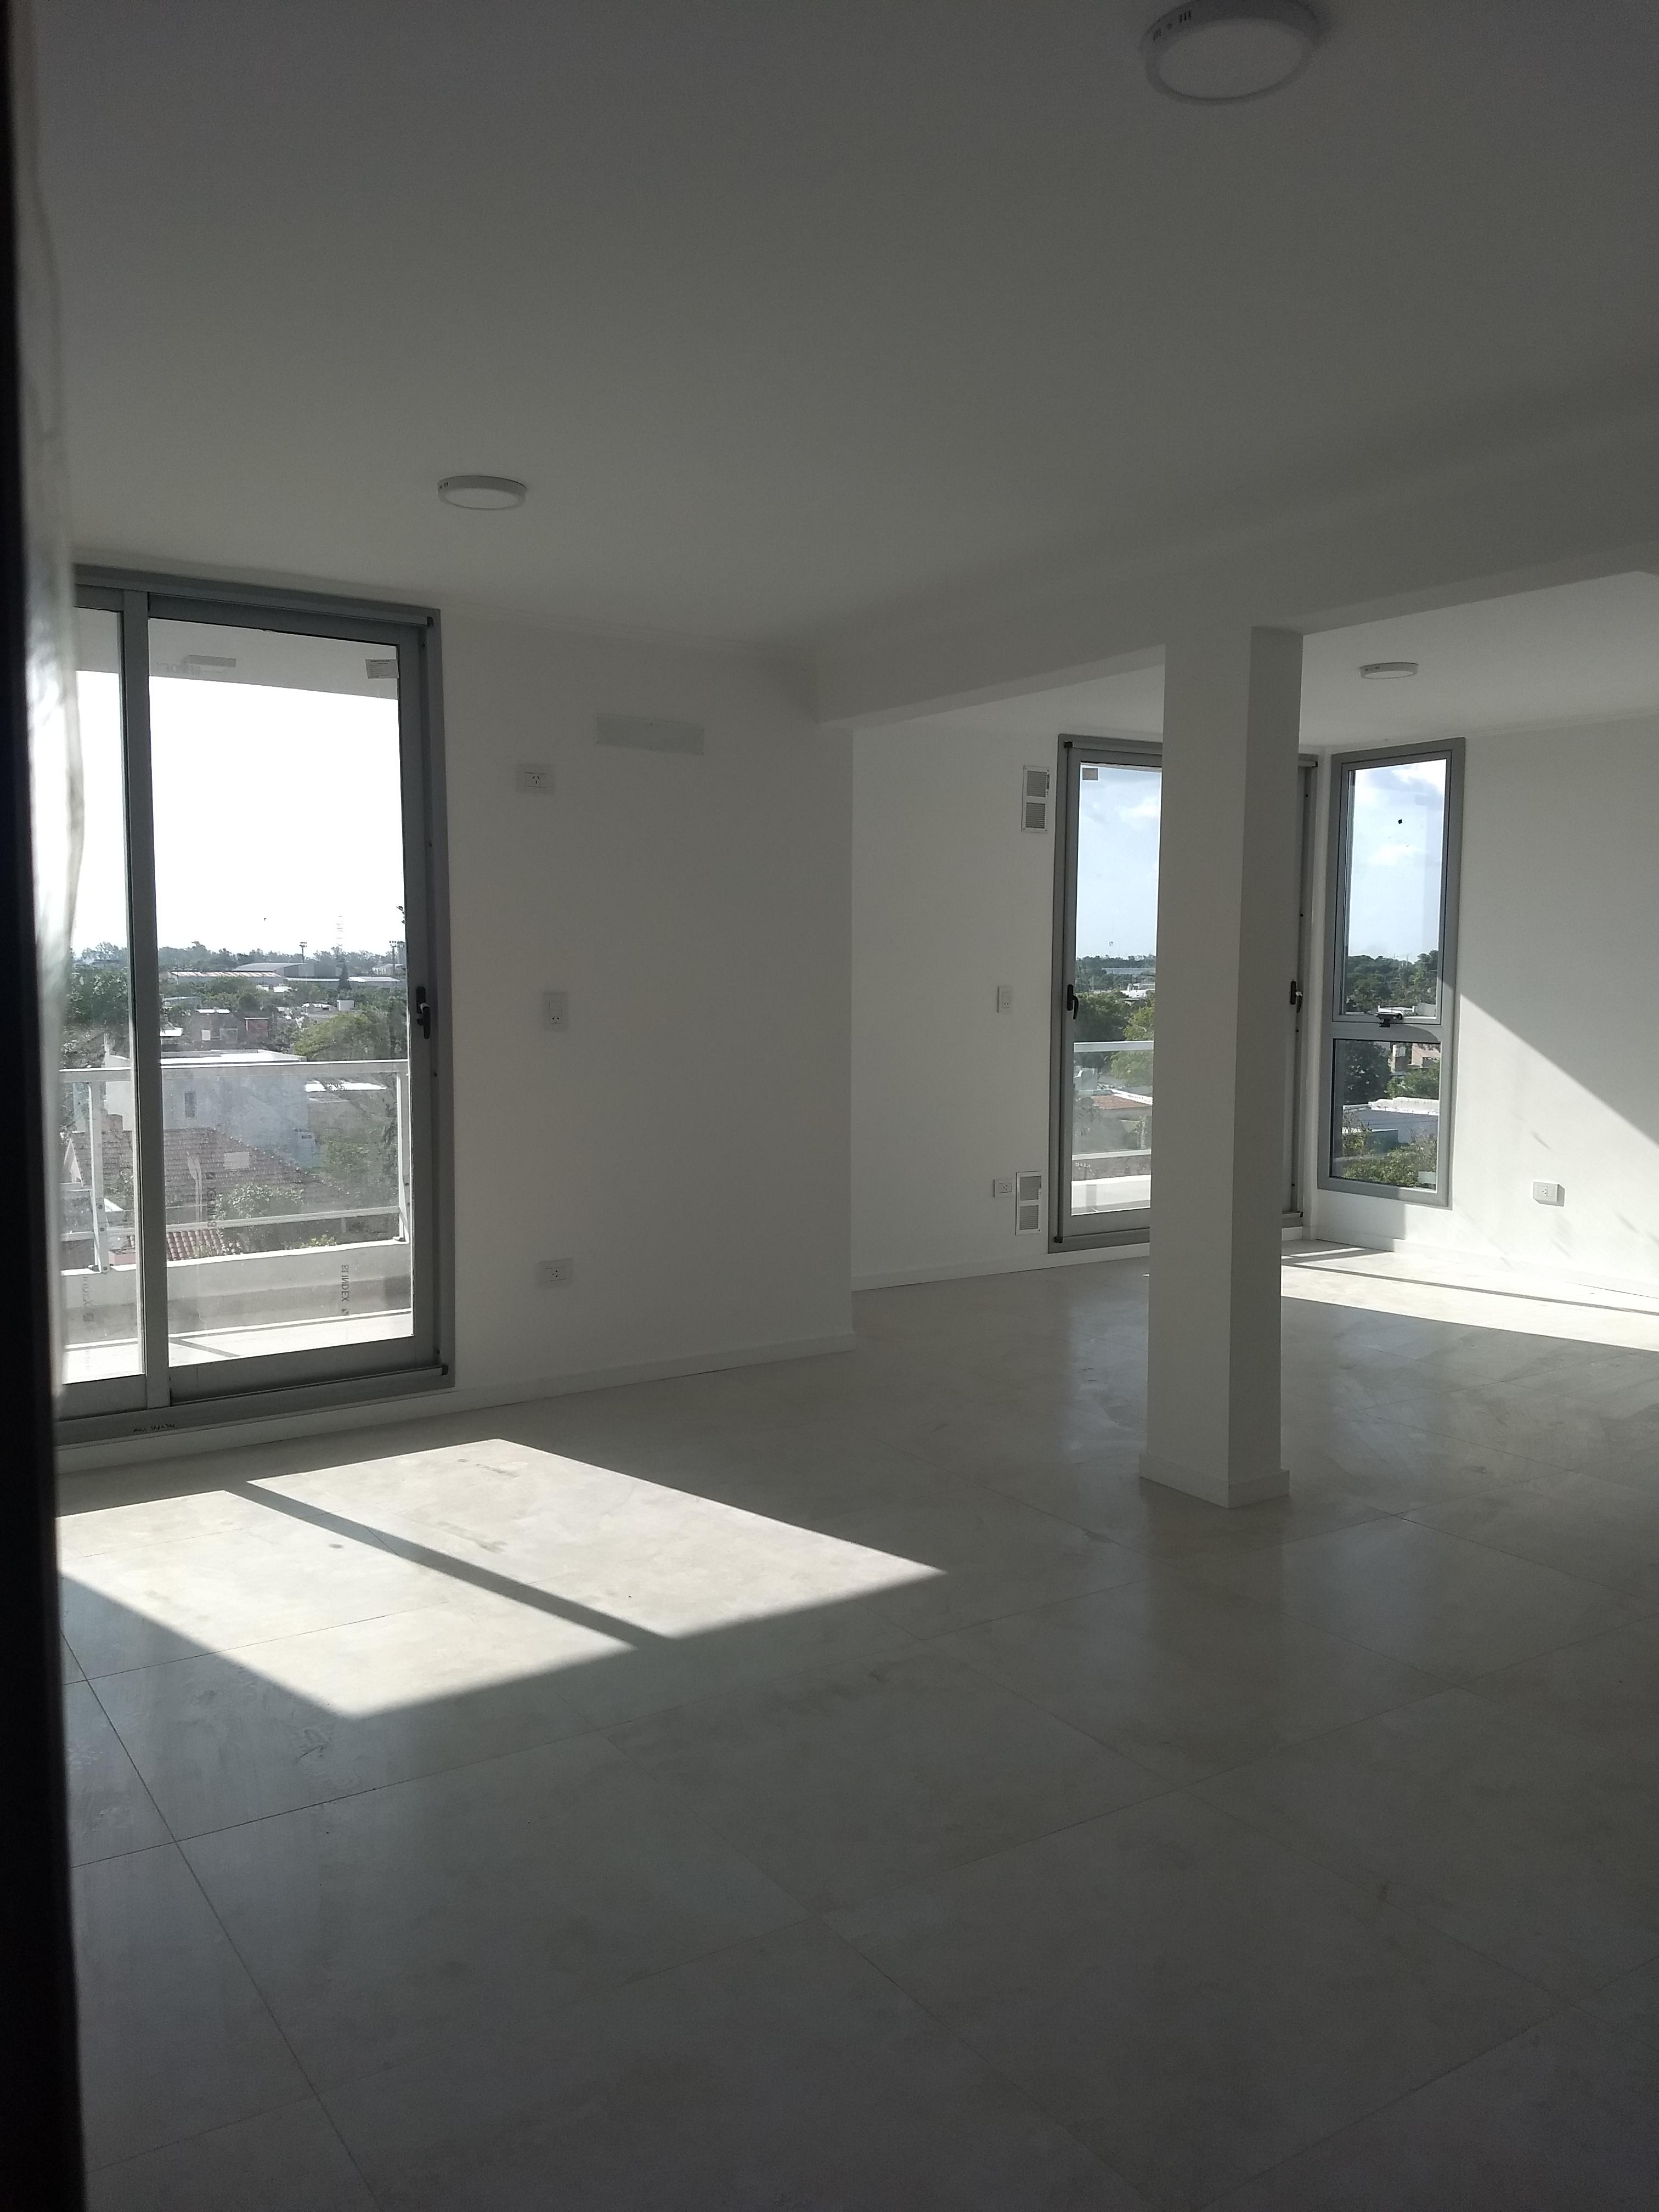 Maipú y Arenales 4º Dpto. 2 - Gaggiotti Inmobiliaria cuenta con más de 50 años desde que se inicio en el negocio de los servicios inmobiliarios.